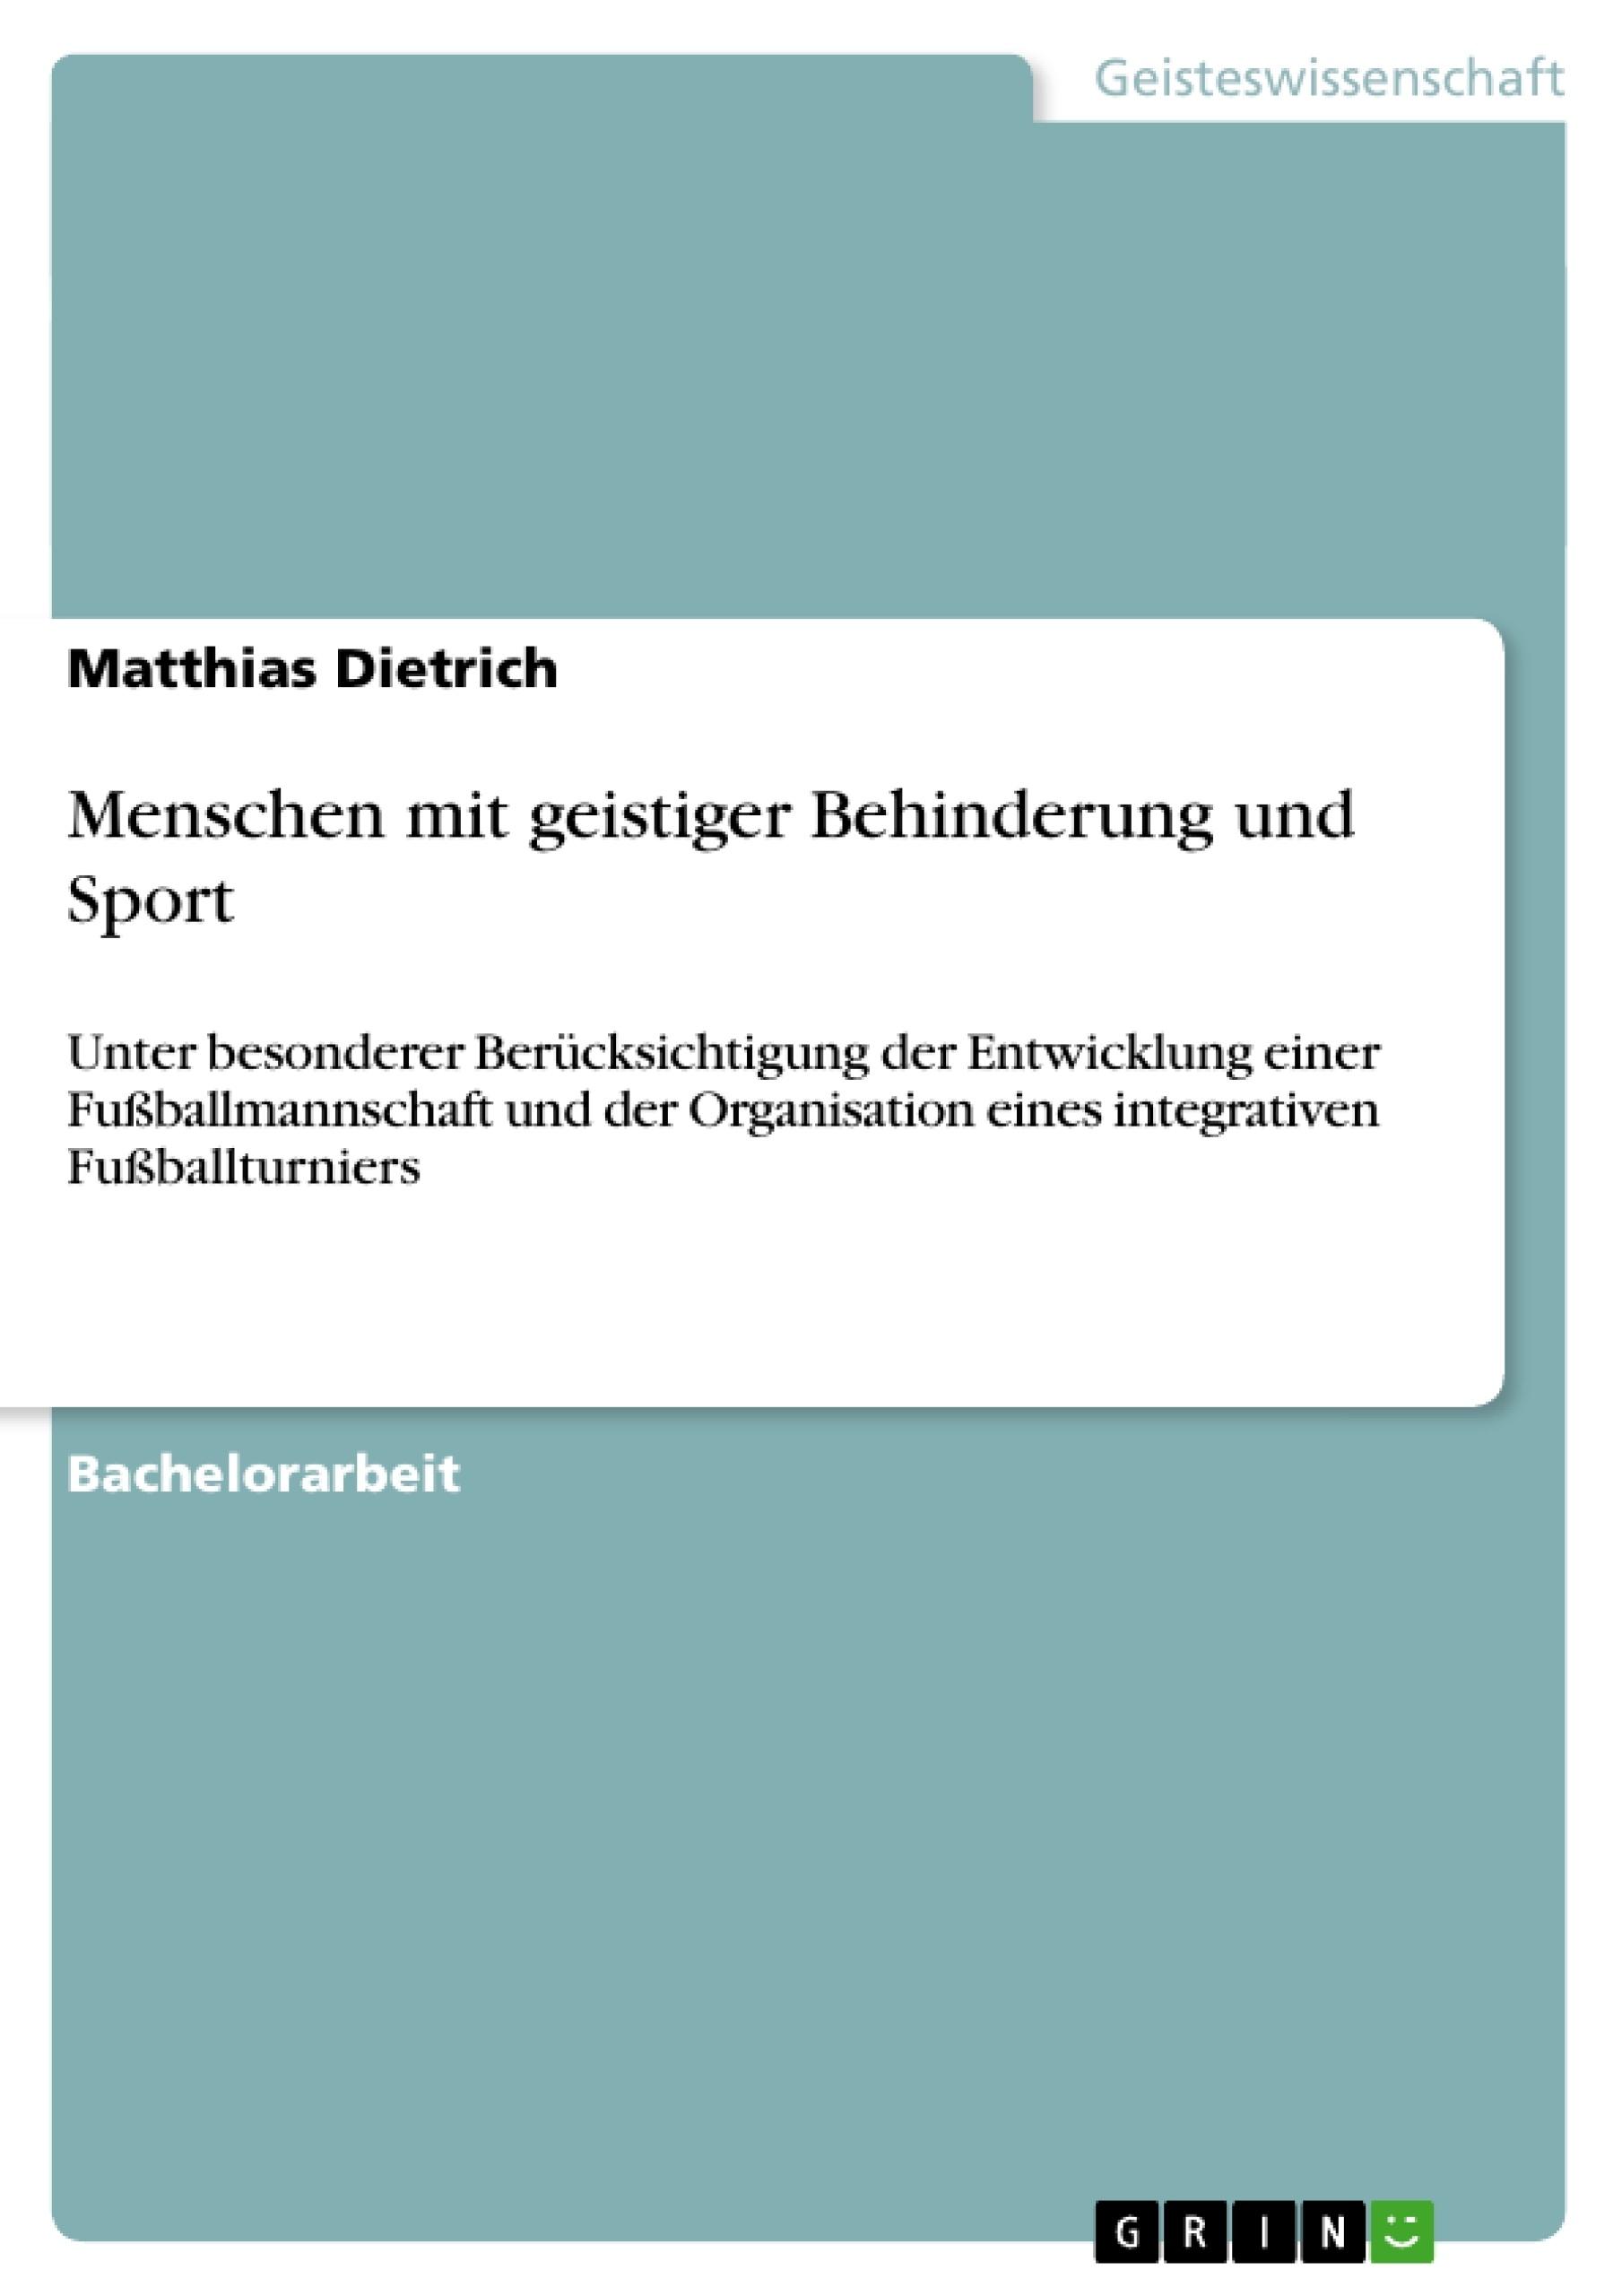 Titel: Menschen mit geistiger Behinderung und Sport